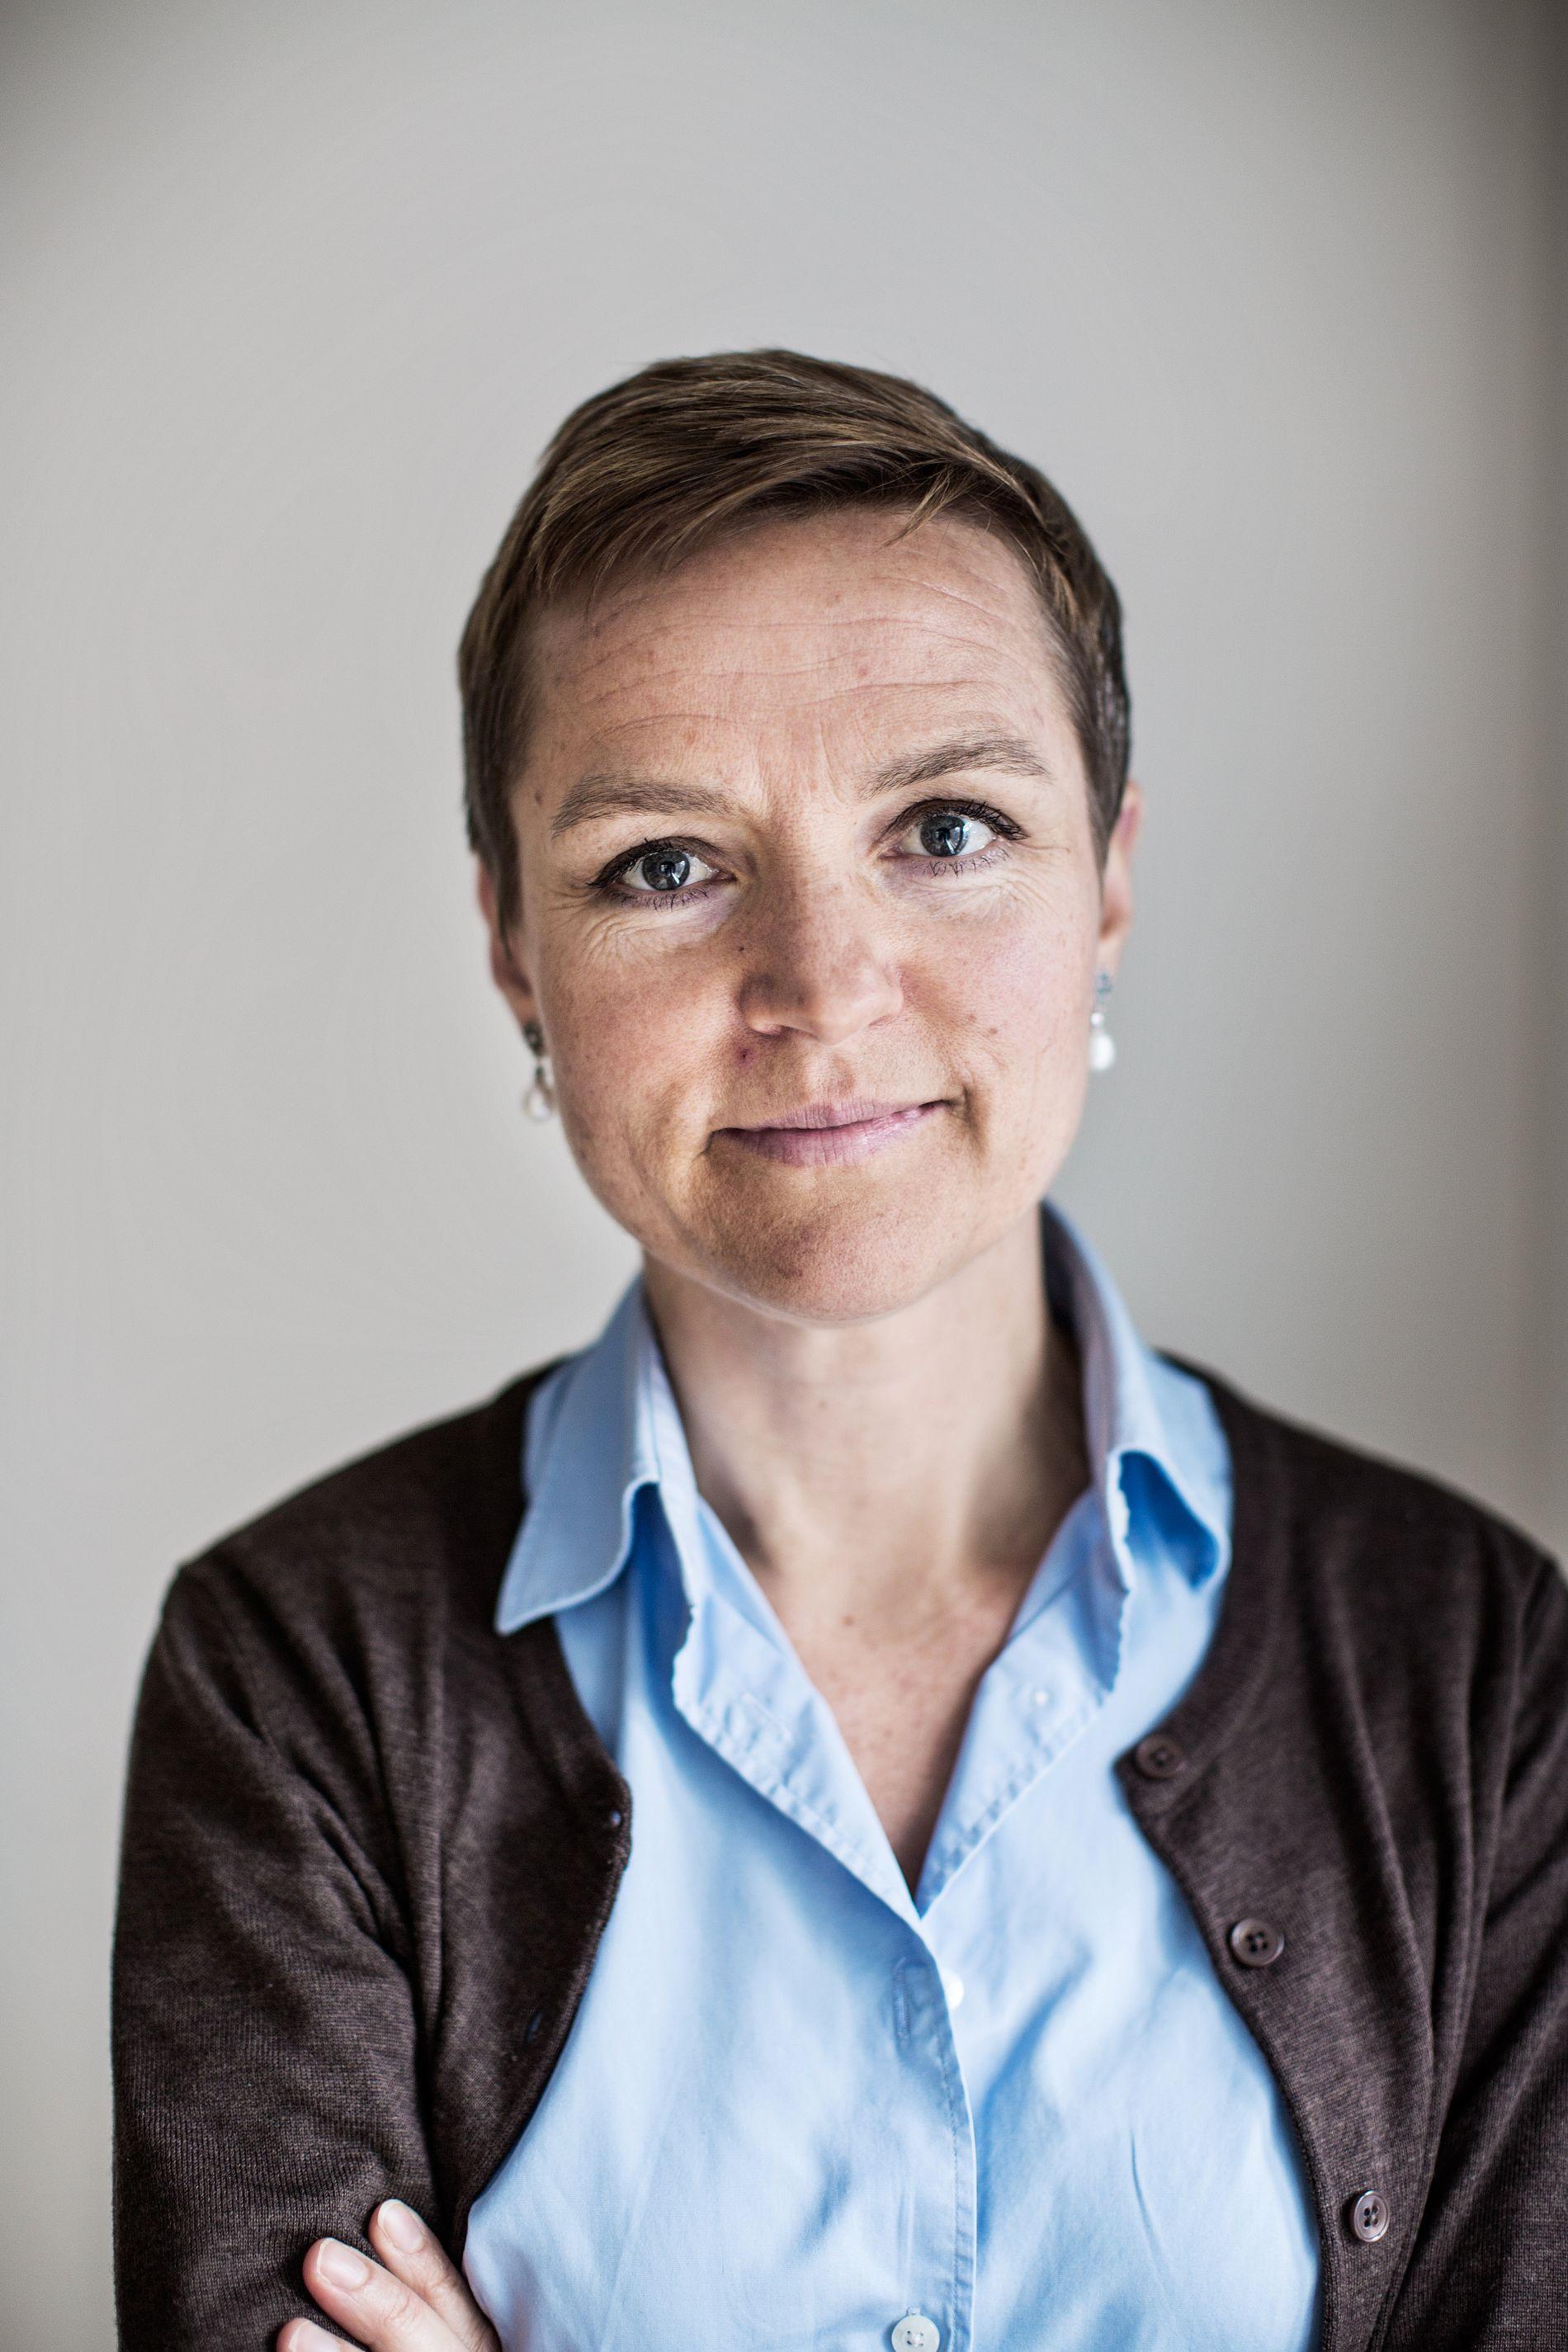 FØRER TILSYN: Helga Ervik leder Sivilombudsmannen forebyggingsenhet.